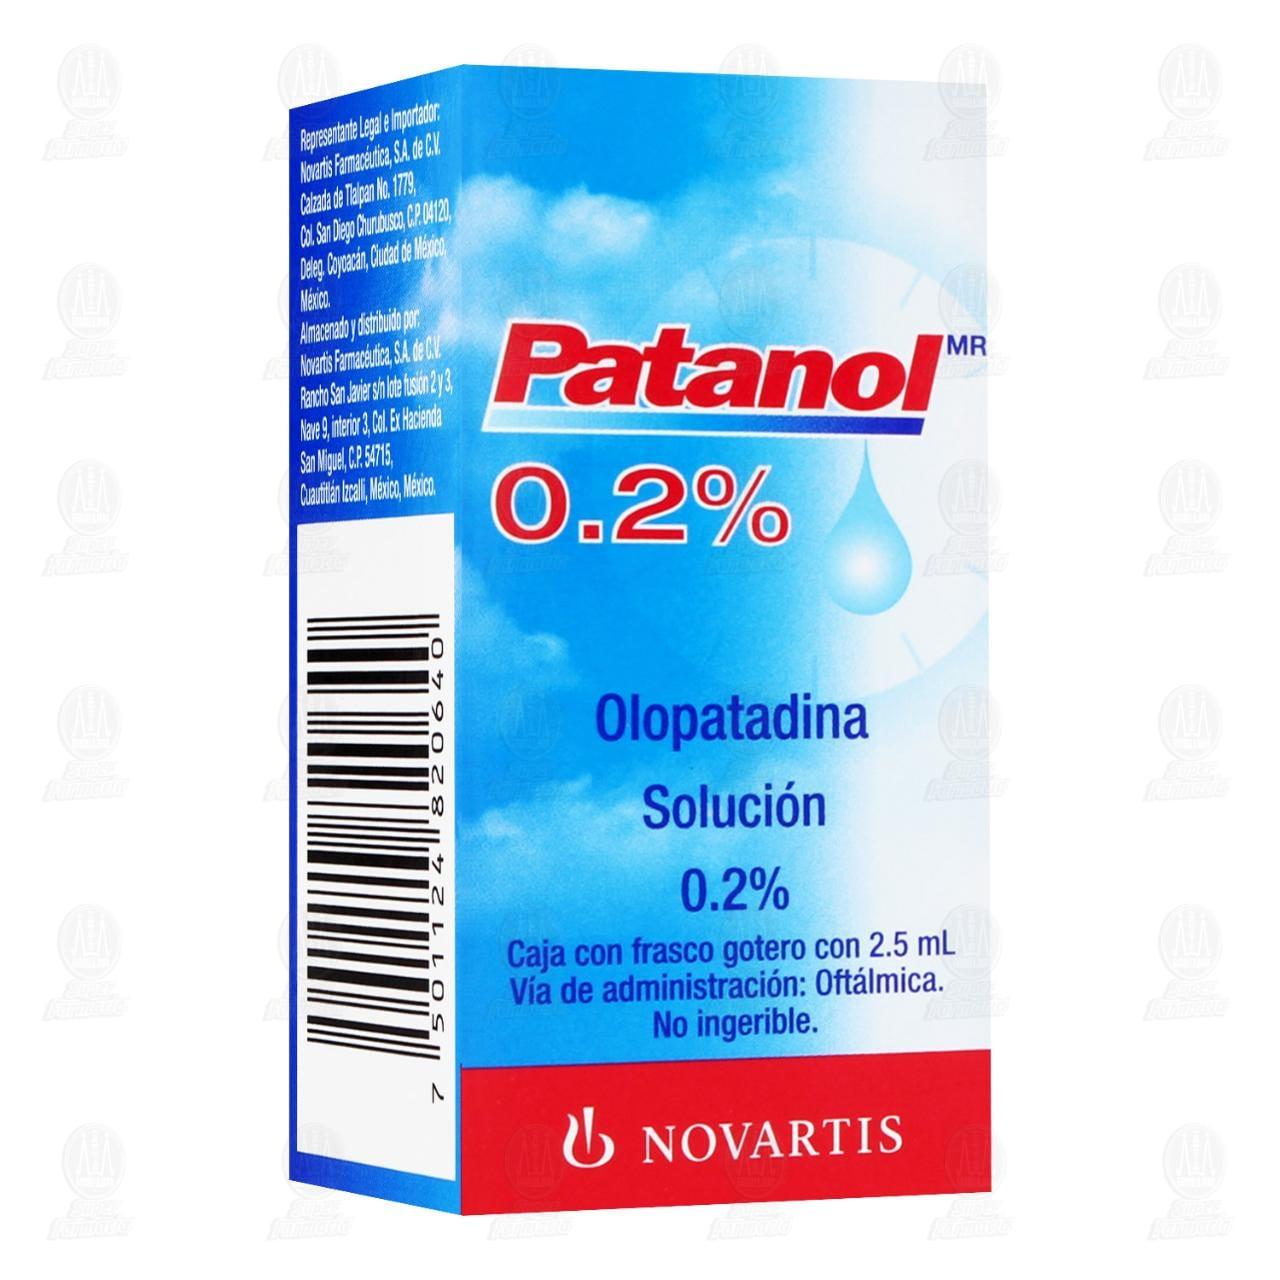 Comprar Patanol Solución 0.2% 2.5ml en Farmacias Guadalajara